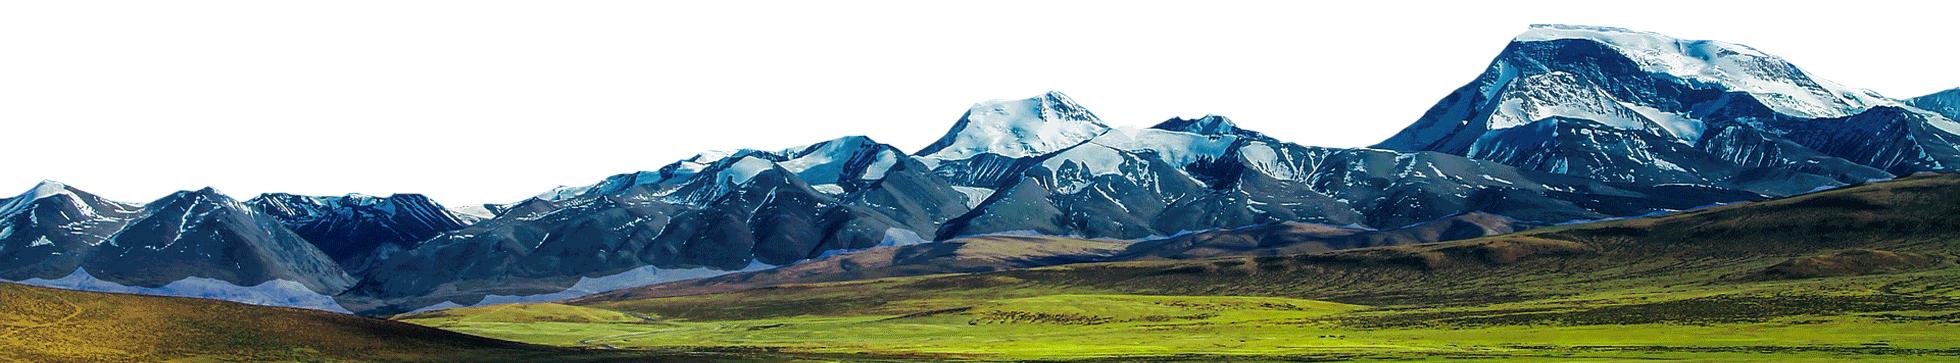 Tibet paysages